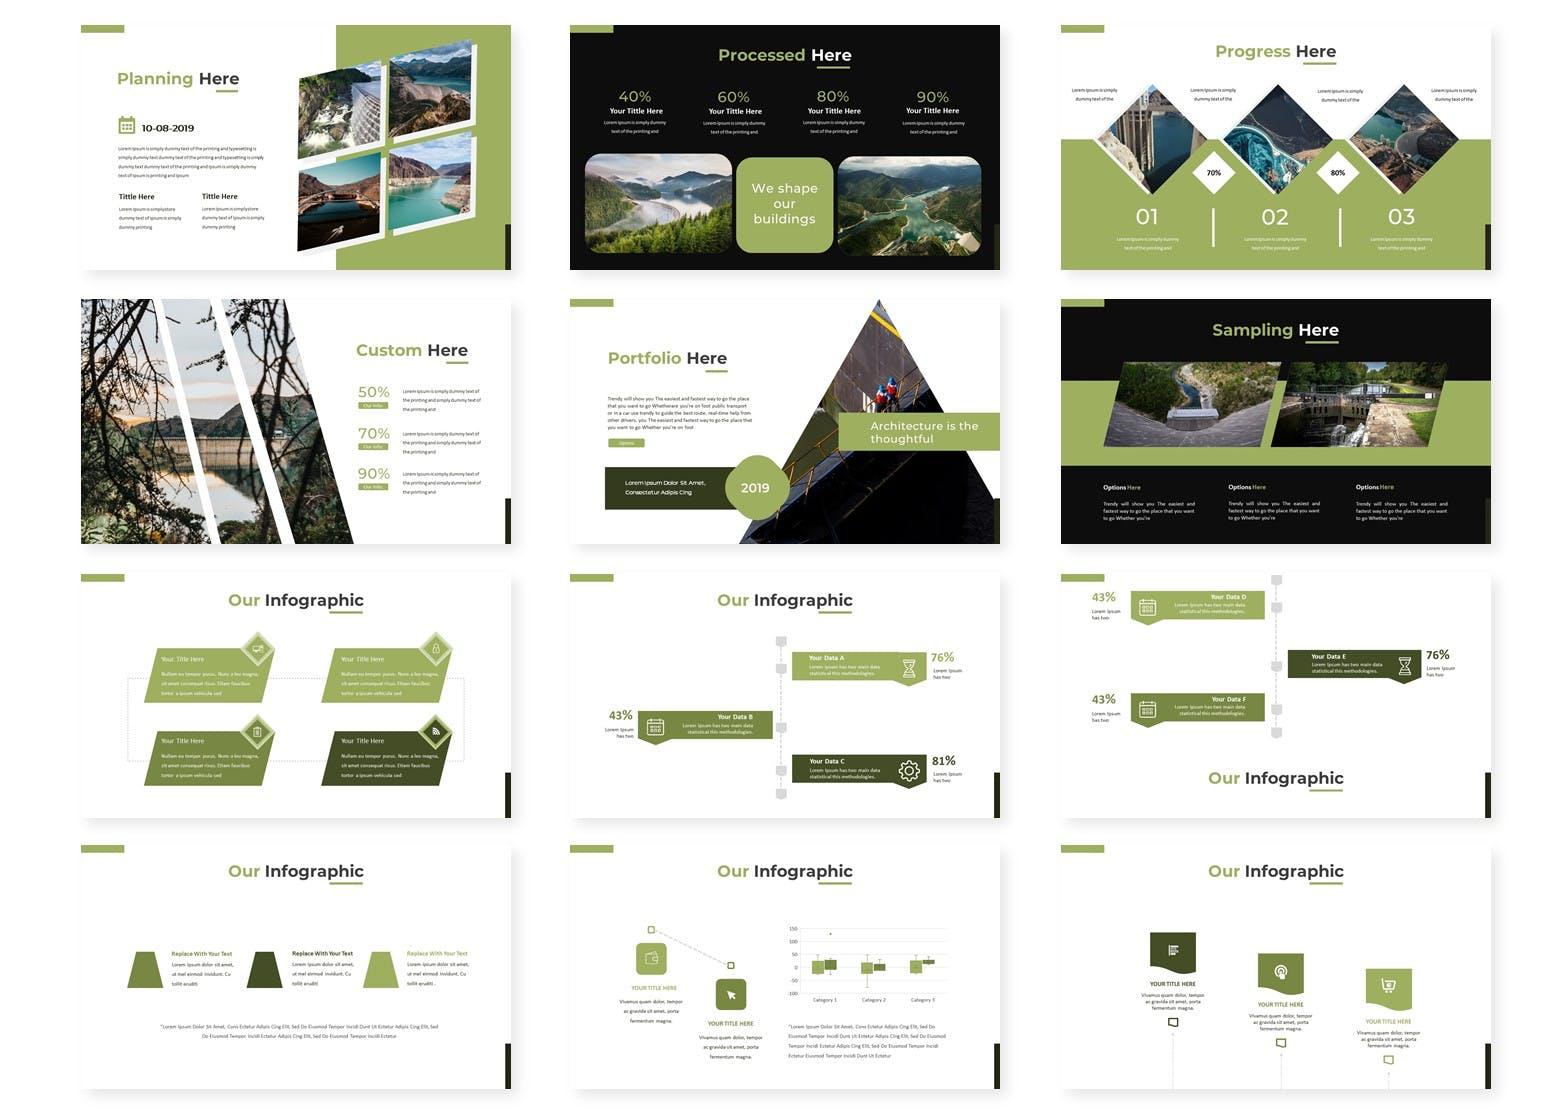 绿色能源水利发电行业数据PPT模板Green Parit Google Slides Template插图(2)